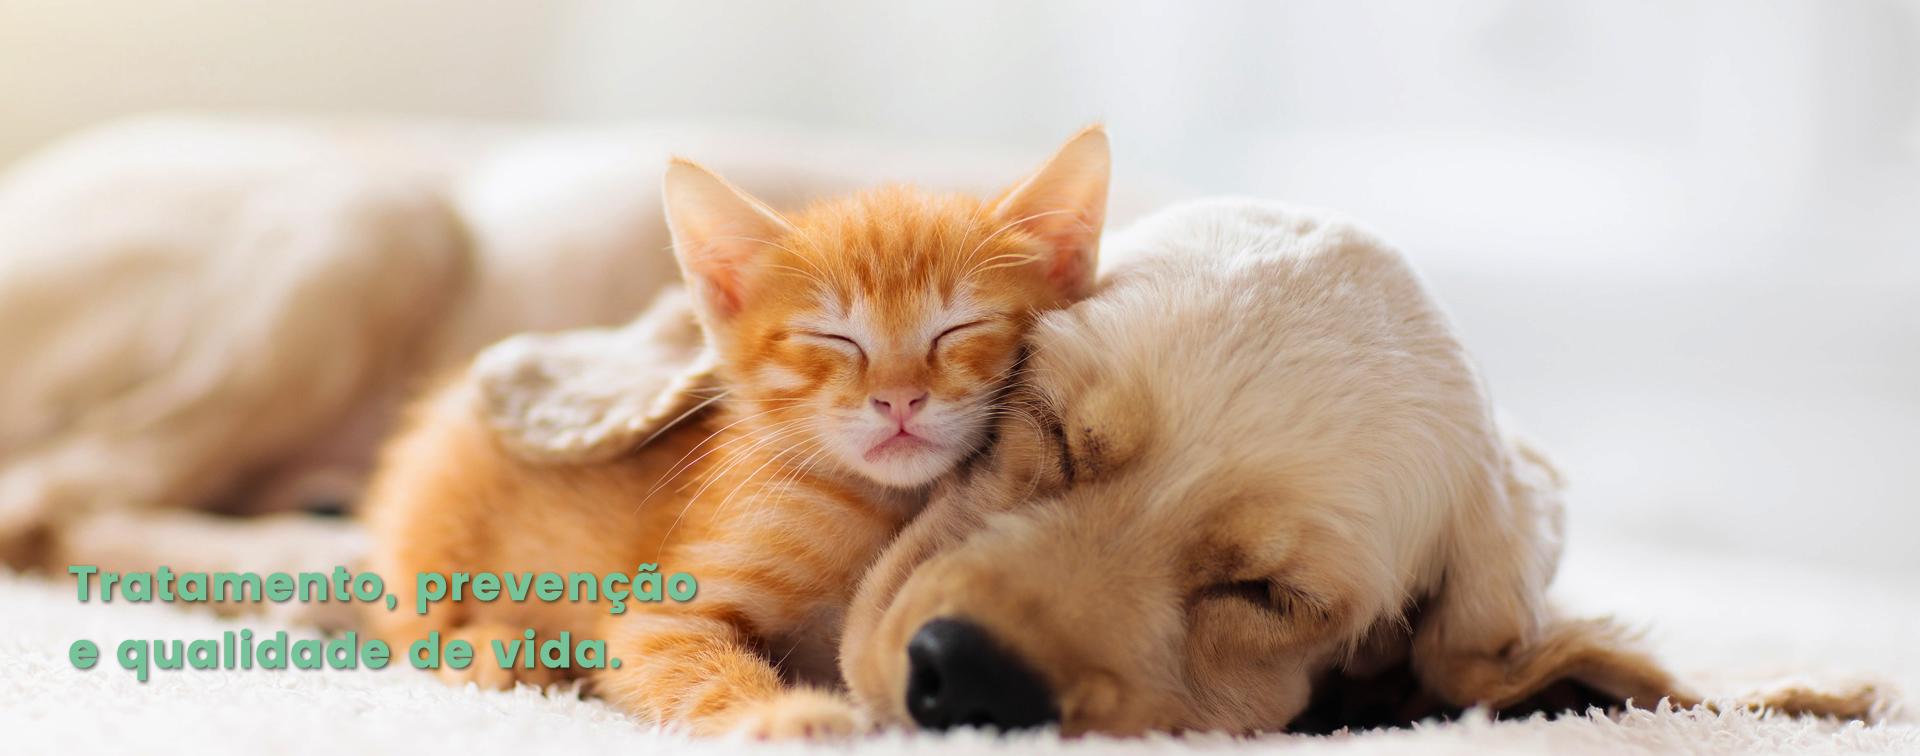 Reabilitavet - Clínica de fisioterapia e reabilitação animal